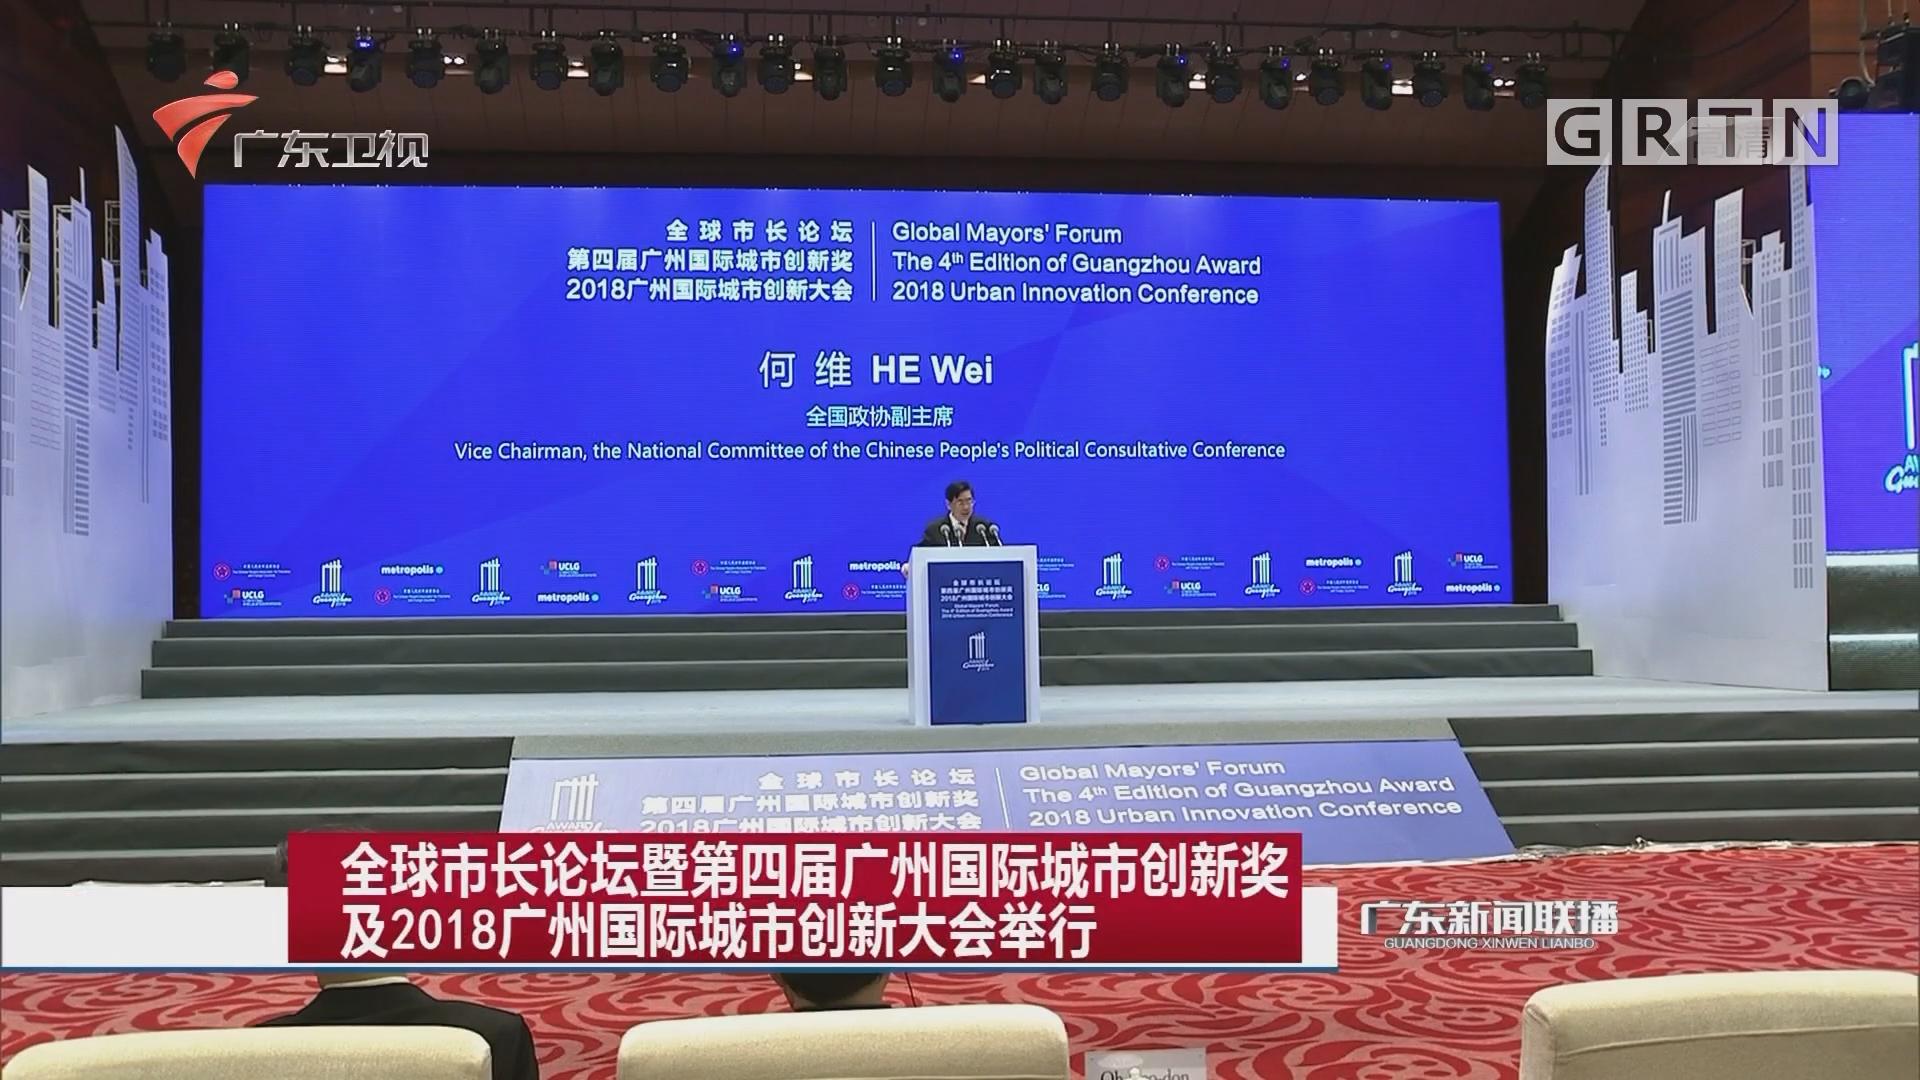 全球市长论坛暨第四届广州国际城市创新奖及2018广州国际城市创新大会举行